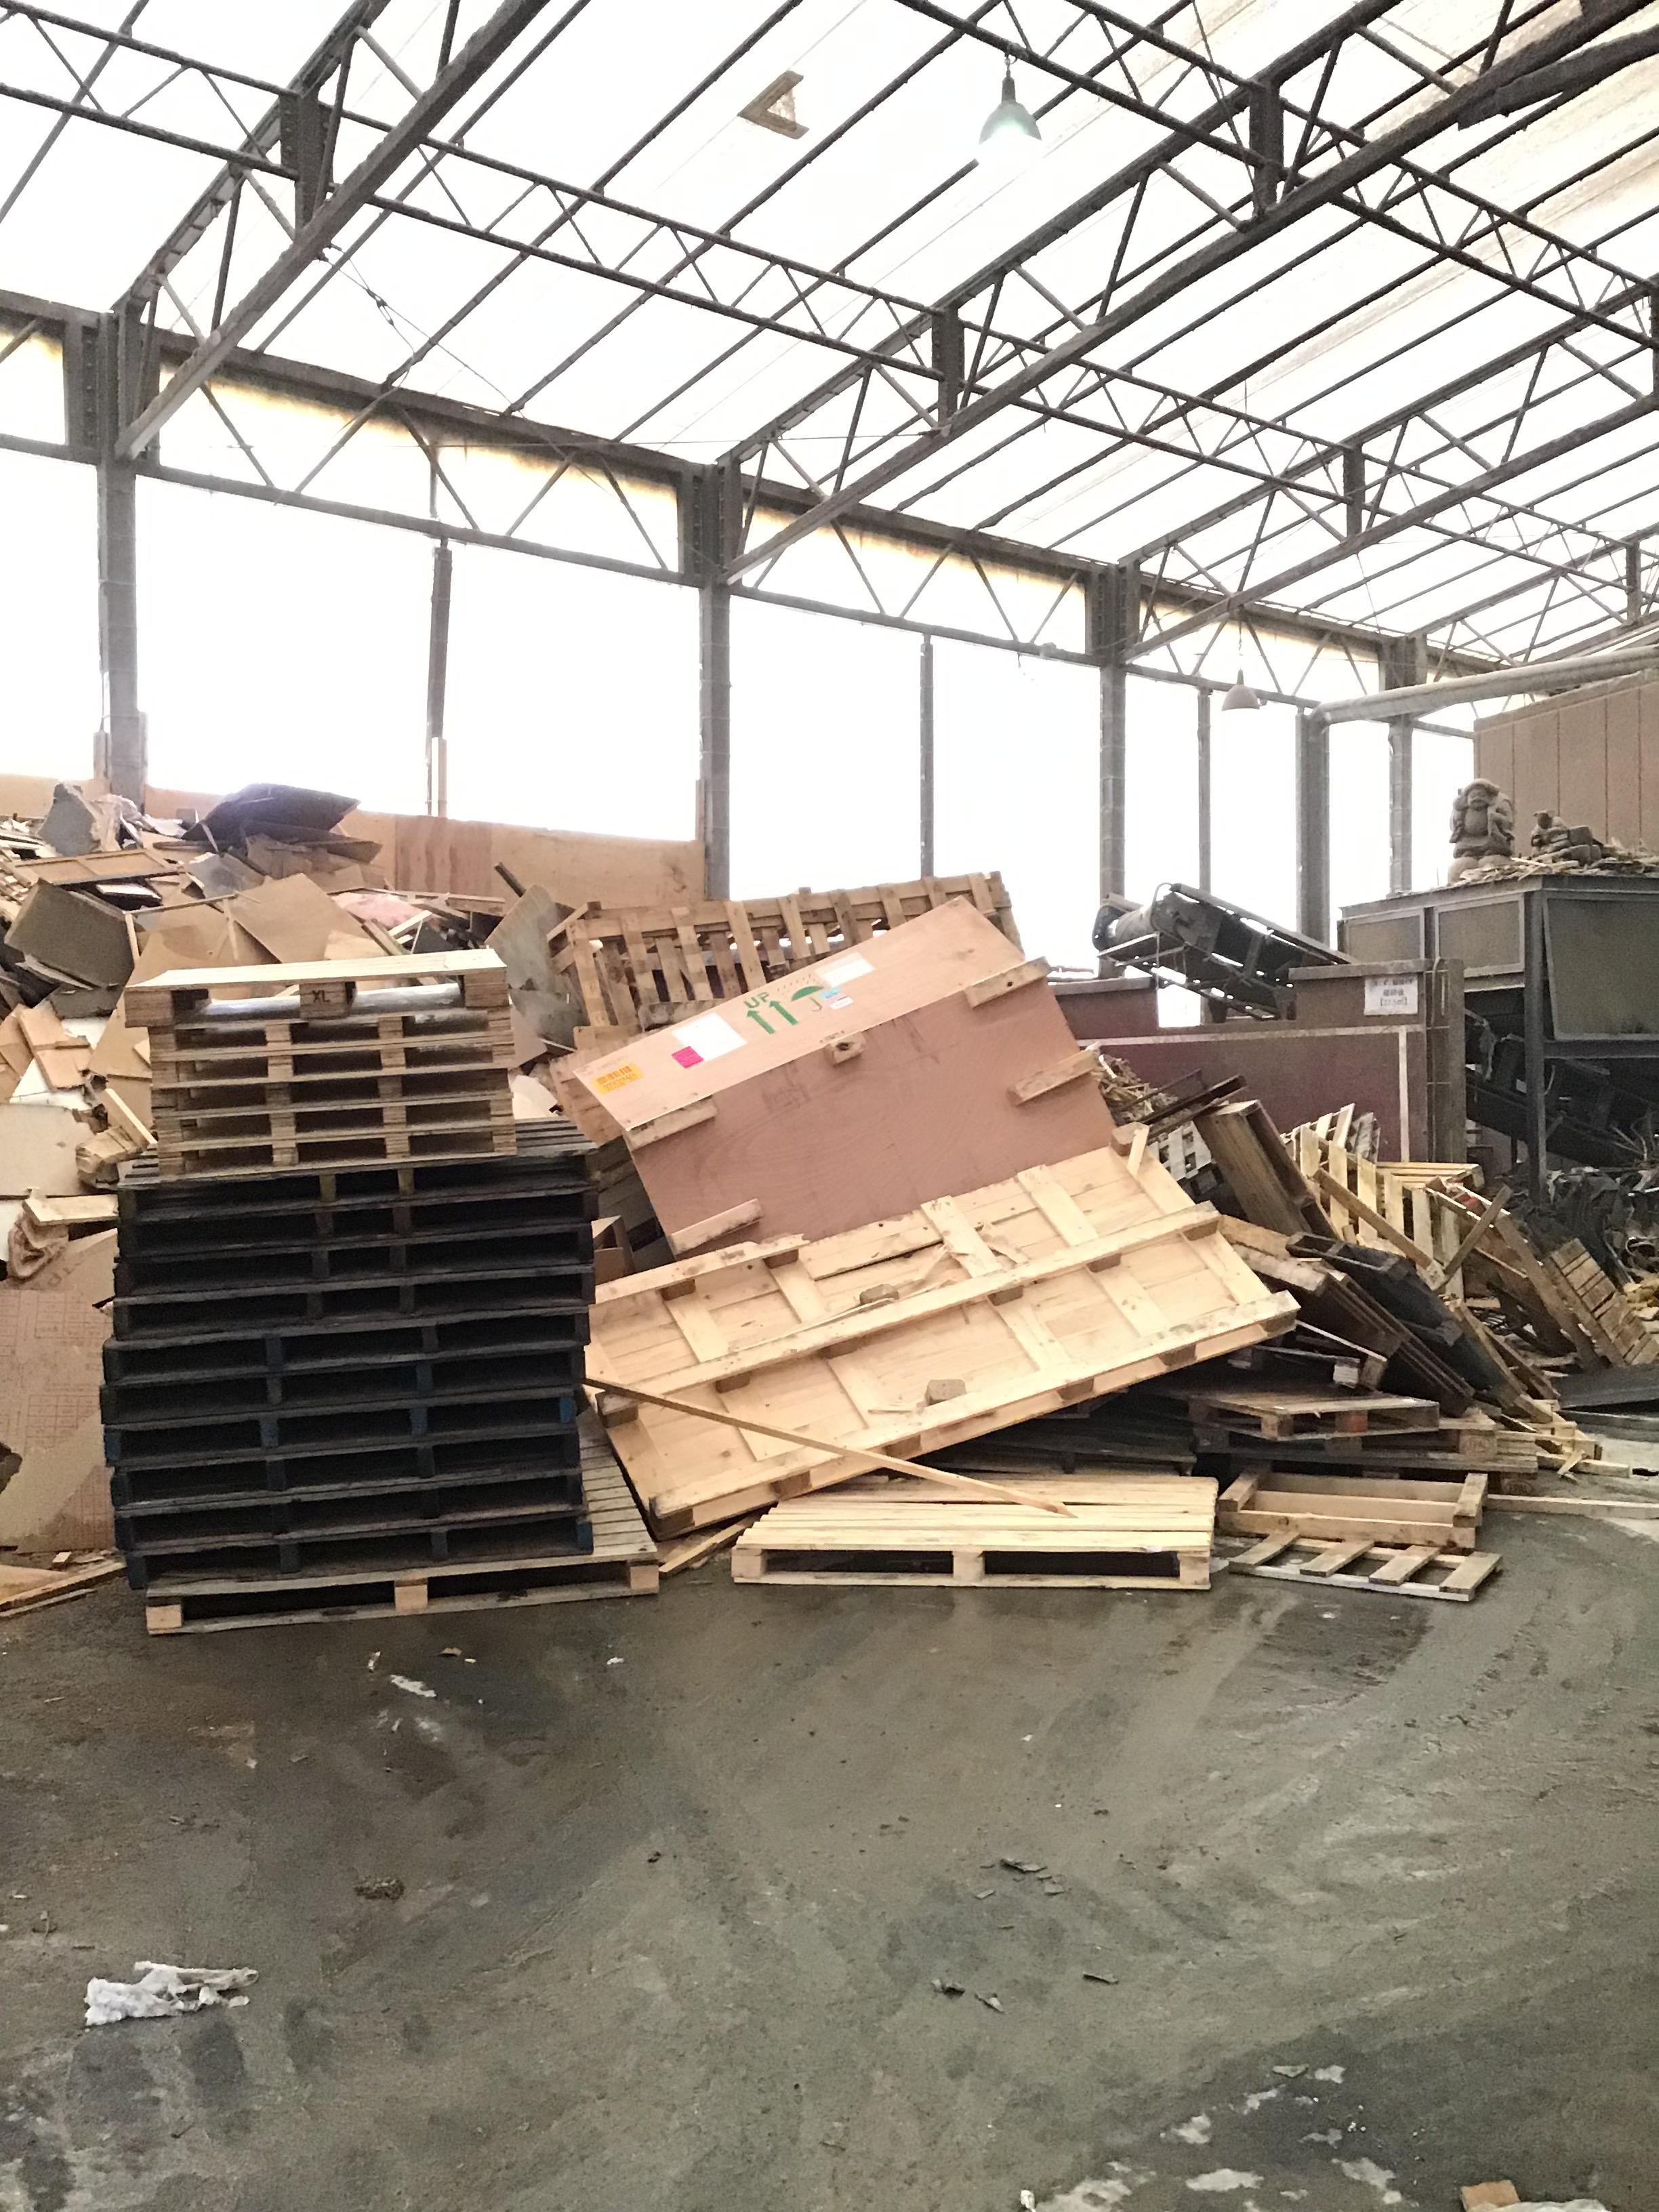 【産業廃棄物の回収処理】木材パレットの廃棄を工場にて行った事例を紹介します。